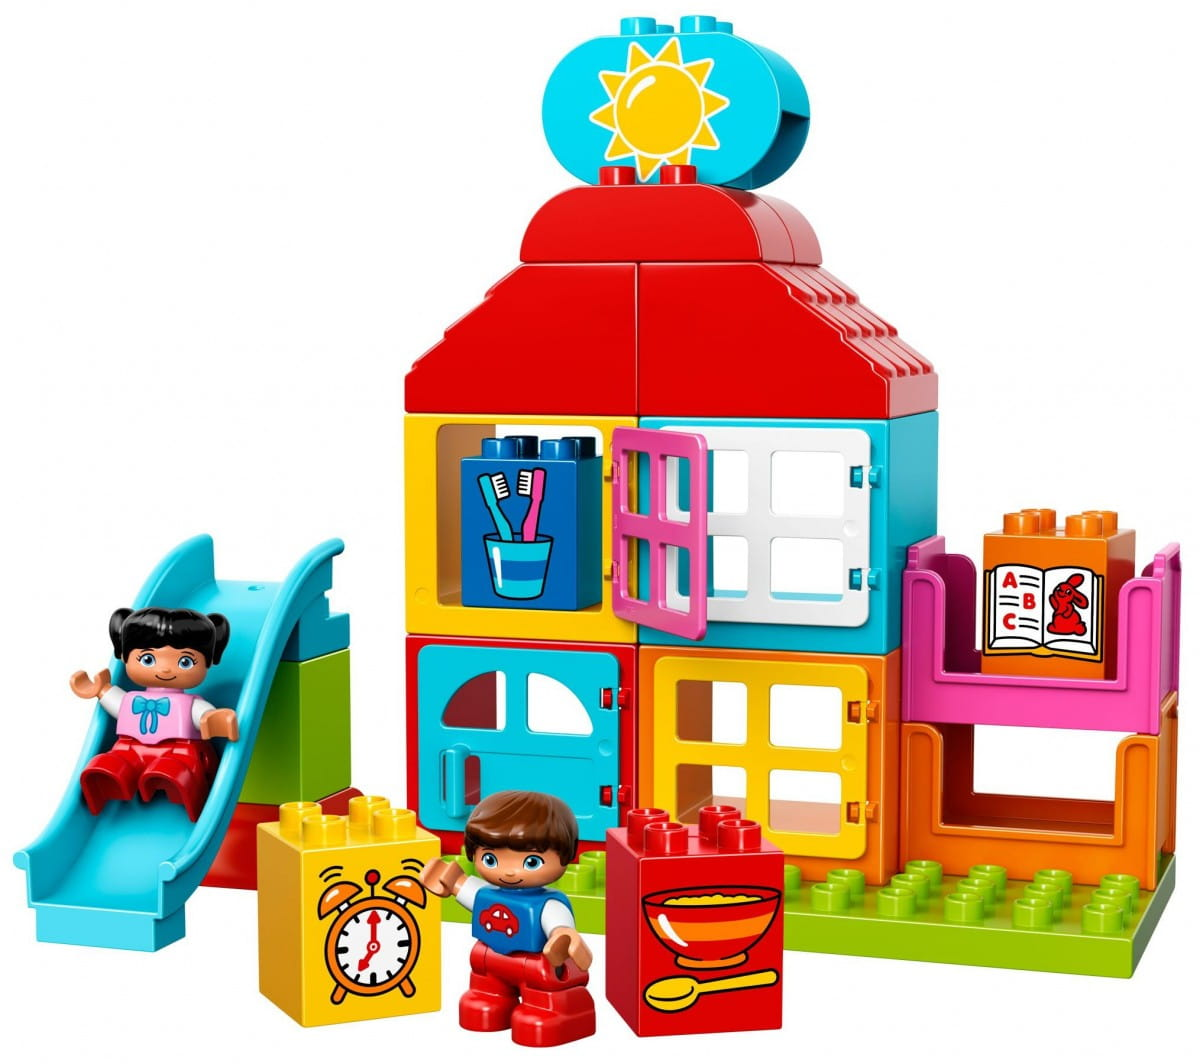 Купить Конструктор Lego Duplo Лего Дупло Мой первый игровой домик в интернет магазине игрушек и детских товаров